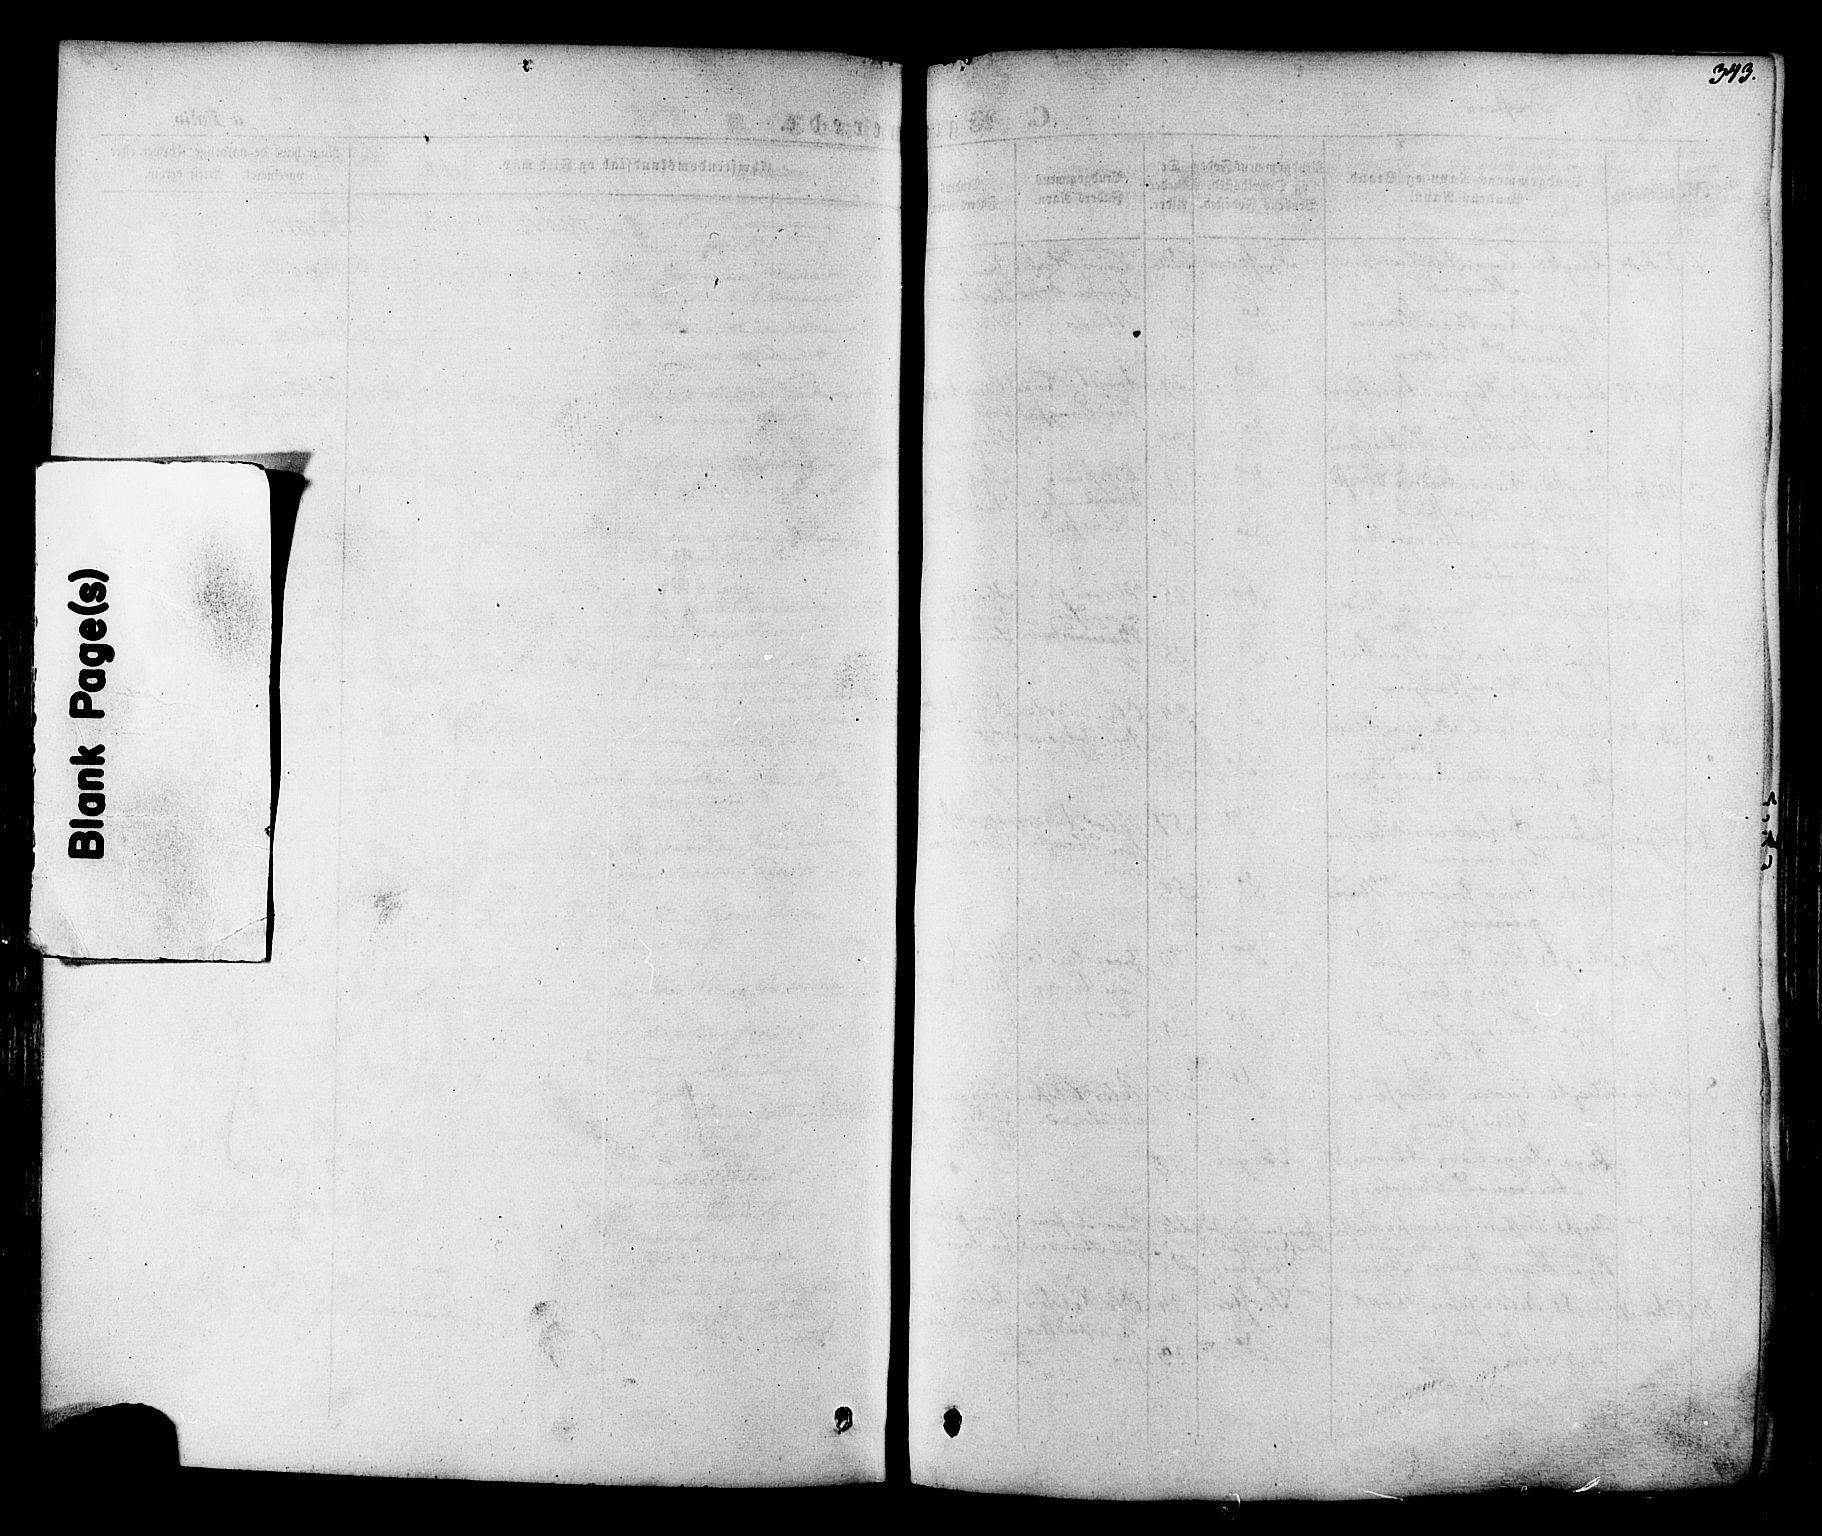 SAT, Ministerialprotokoller, klokkerbøker og fødselsregistre - Nord-Trøndelag, 713/L0116: Ministerialbok nr. 713A07 /2, 1850-1877, s. 343